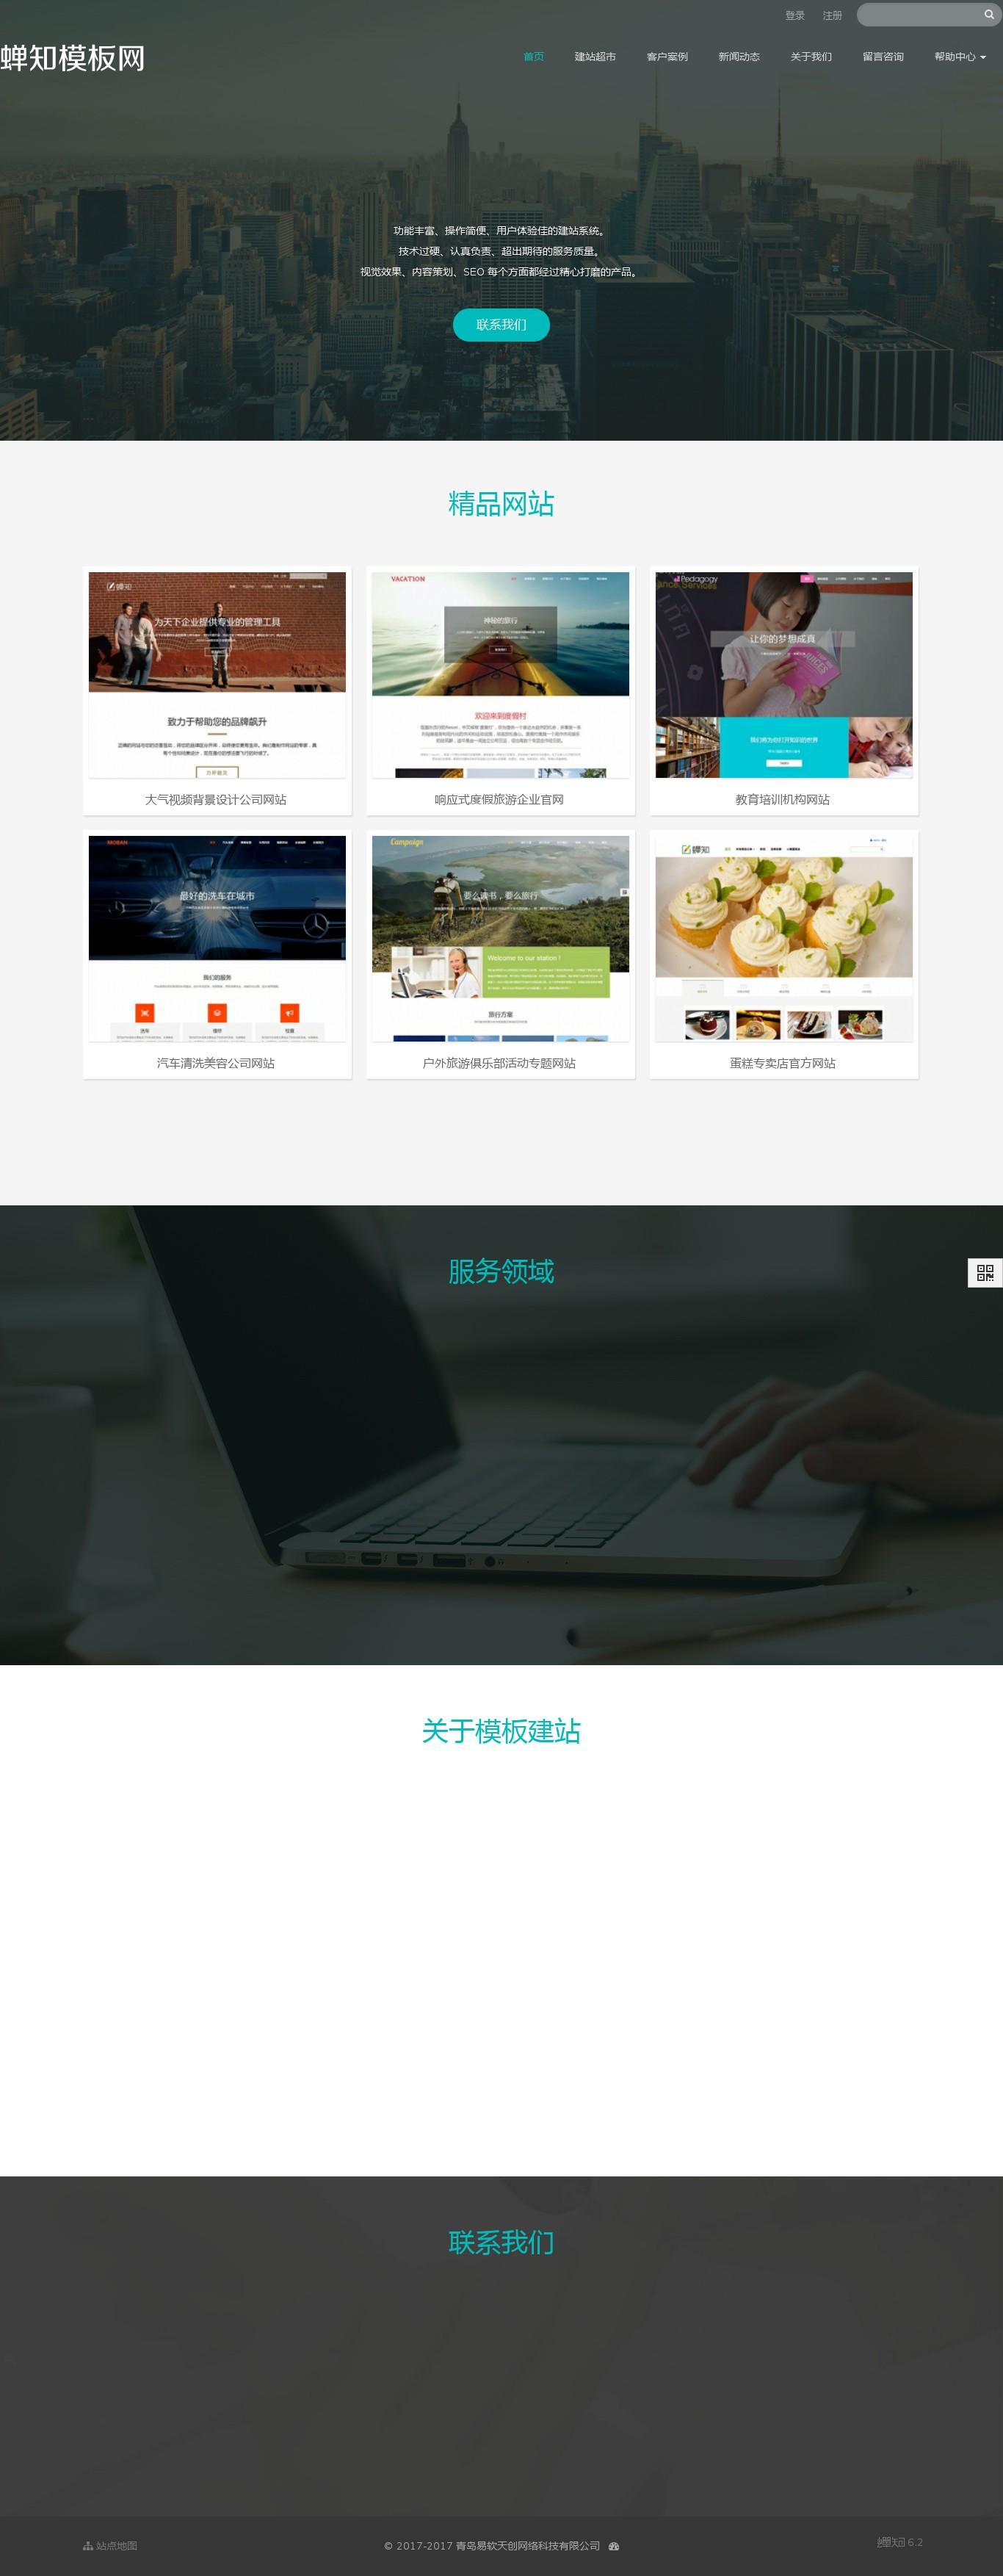 网站模板网